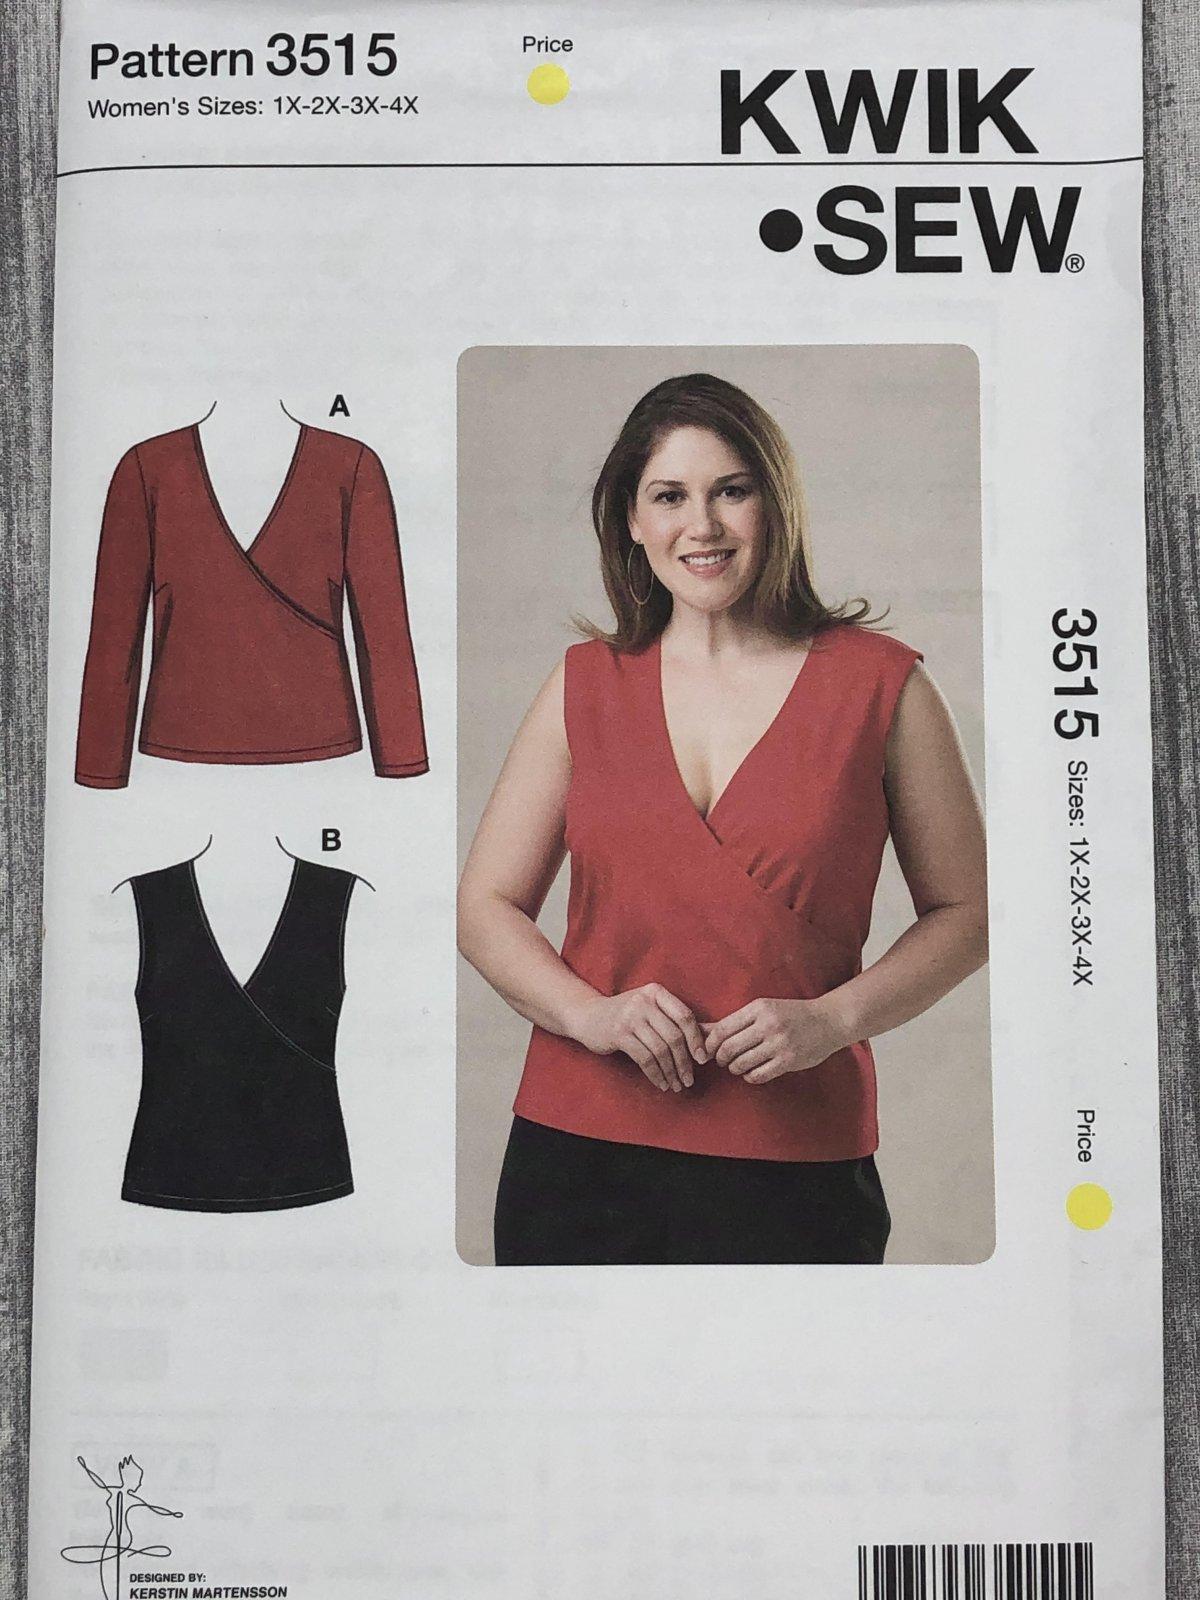 Kwik Sew 3515 Sizes 1X-4X